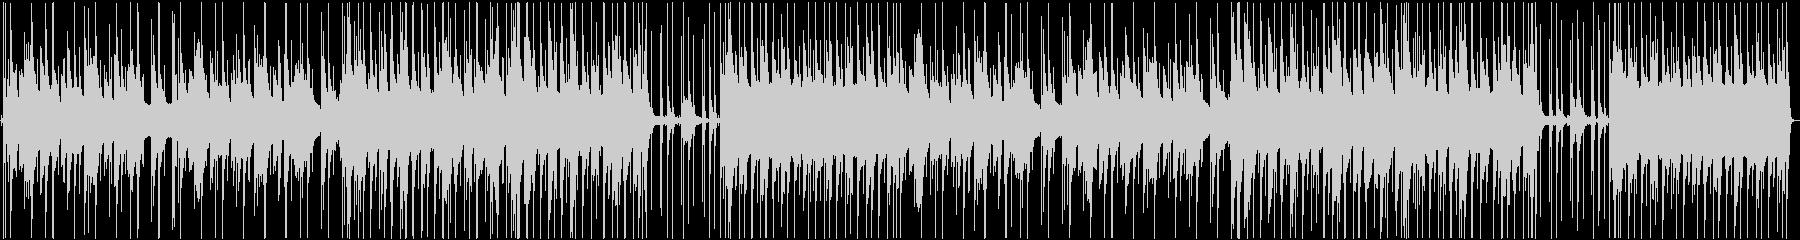 ピアノ・ドラム・ベースのバラードの未再生の波形